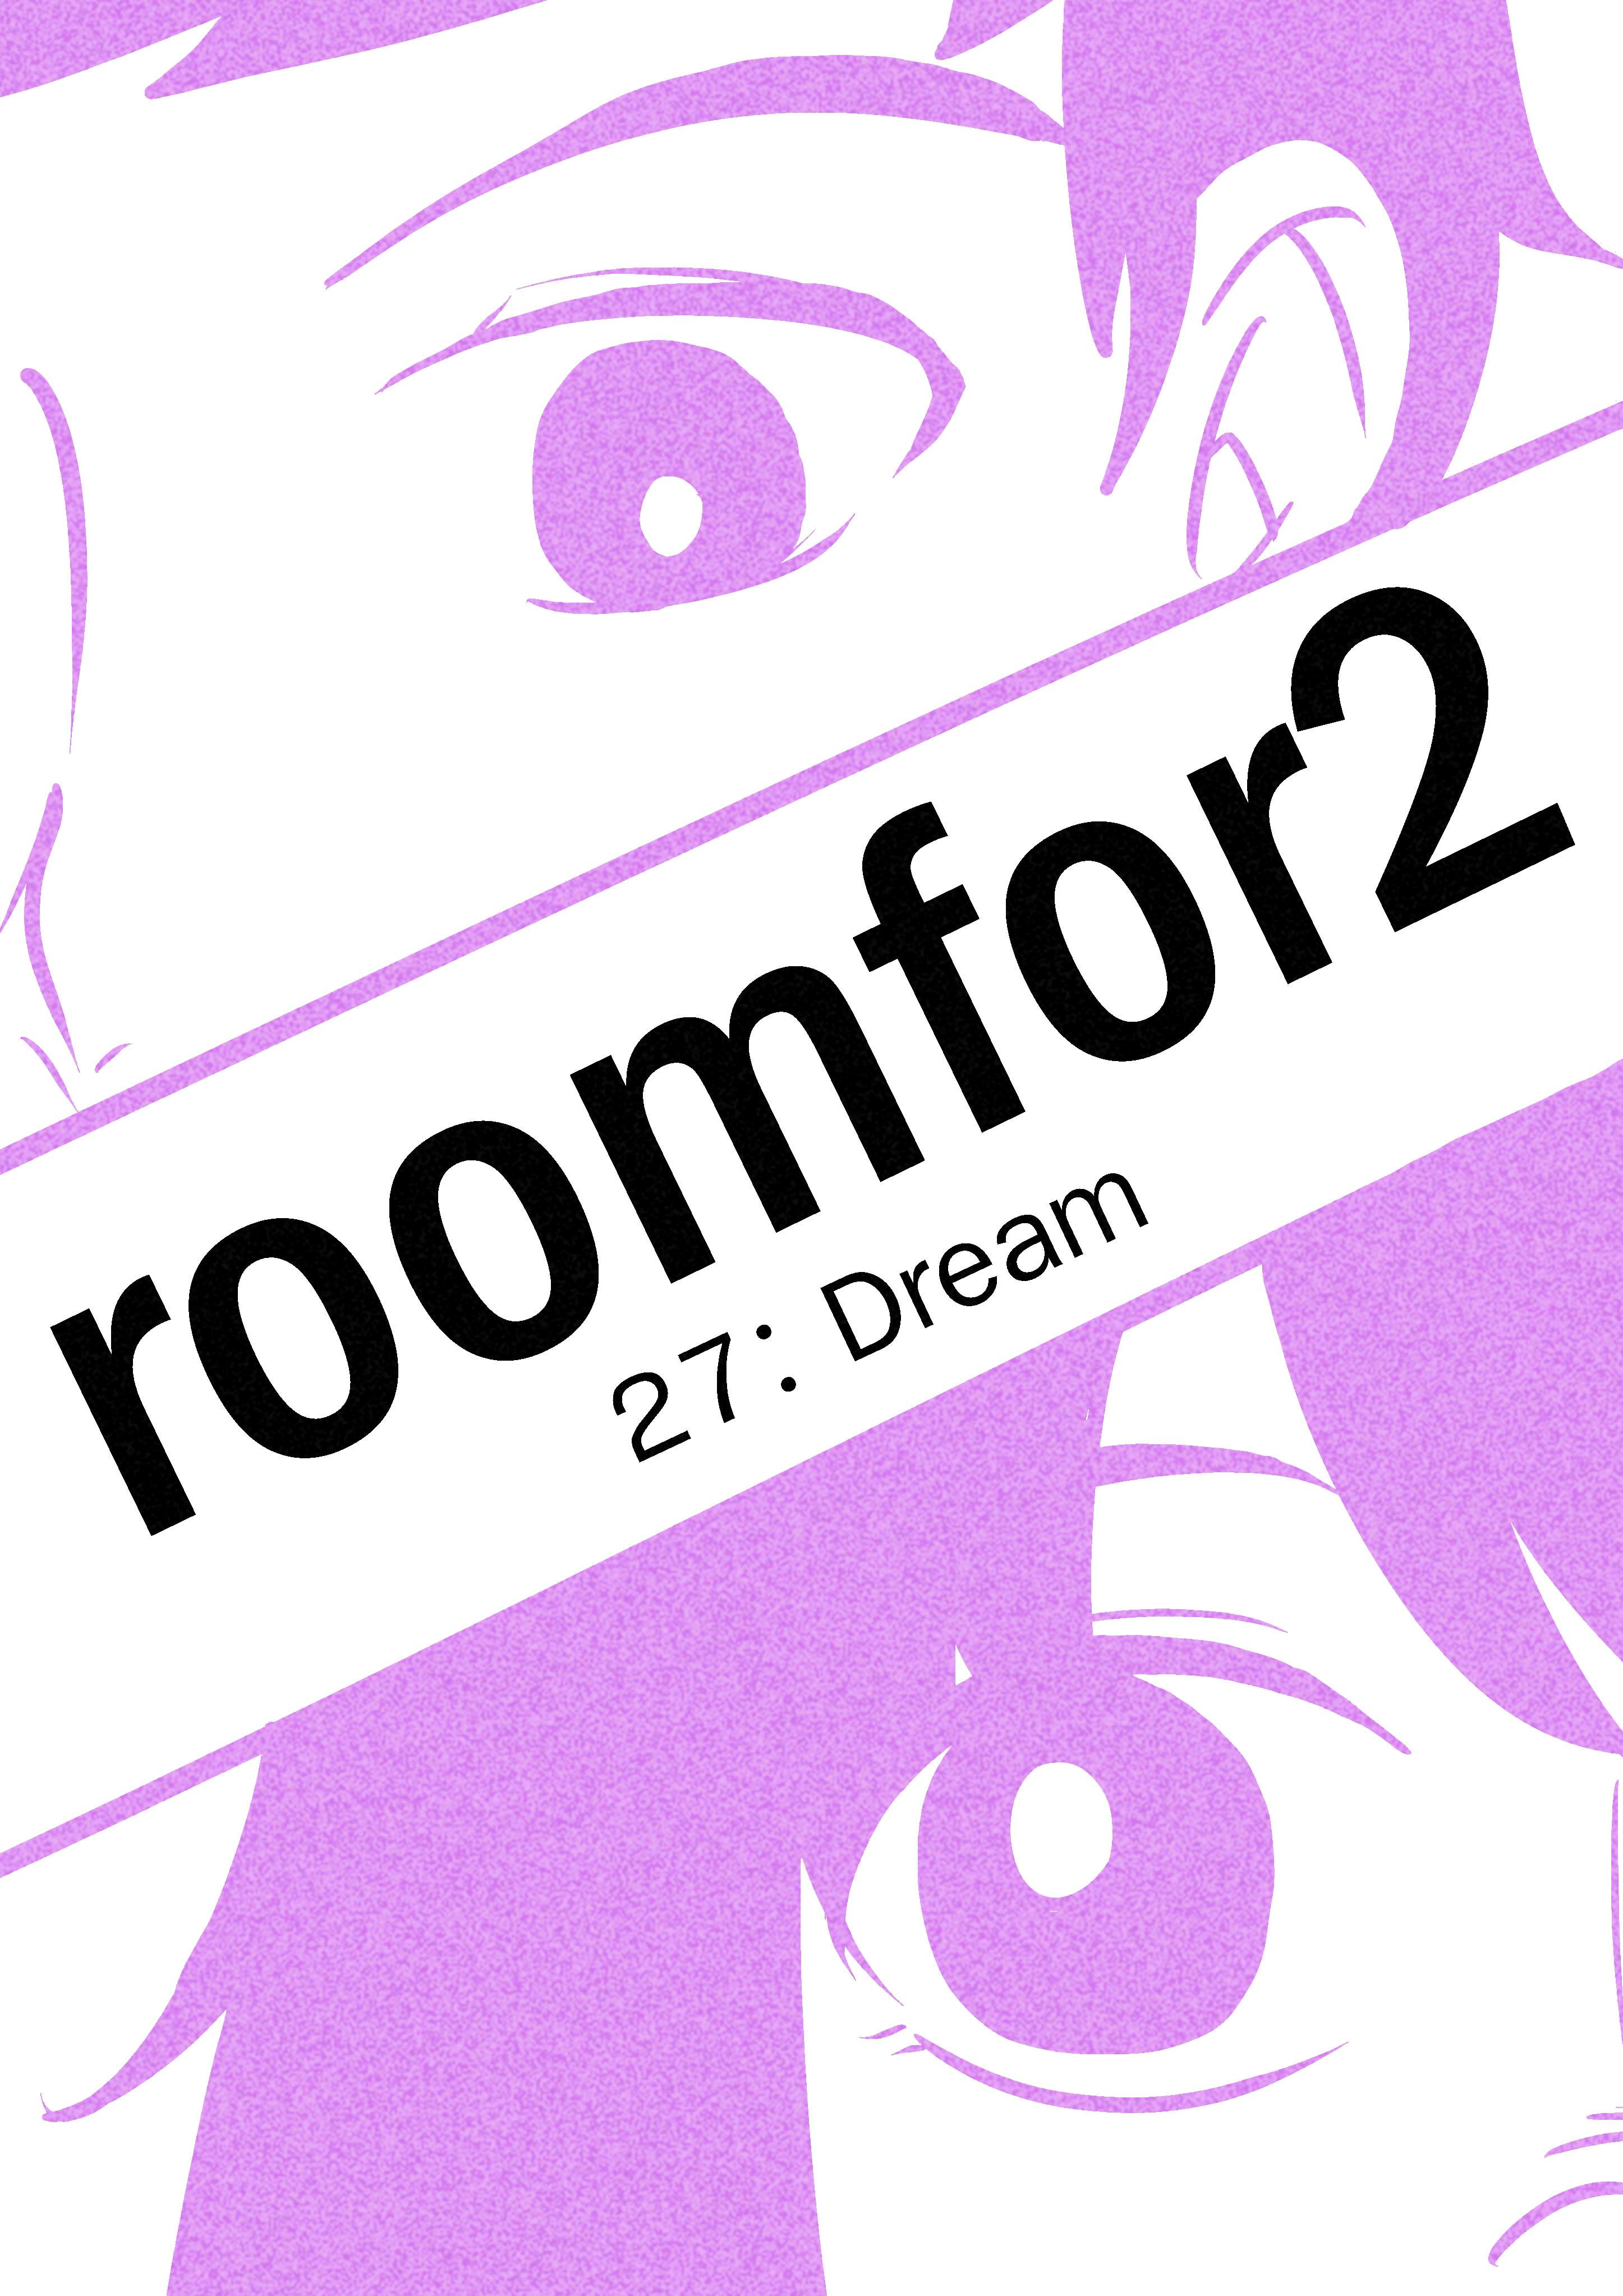 27: Dream